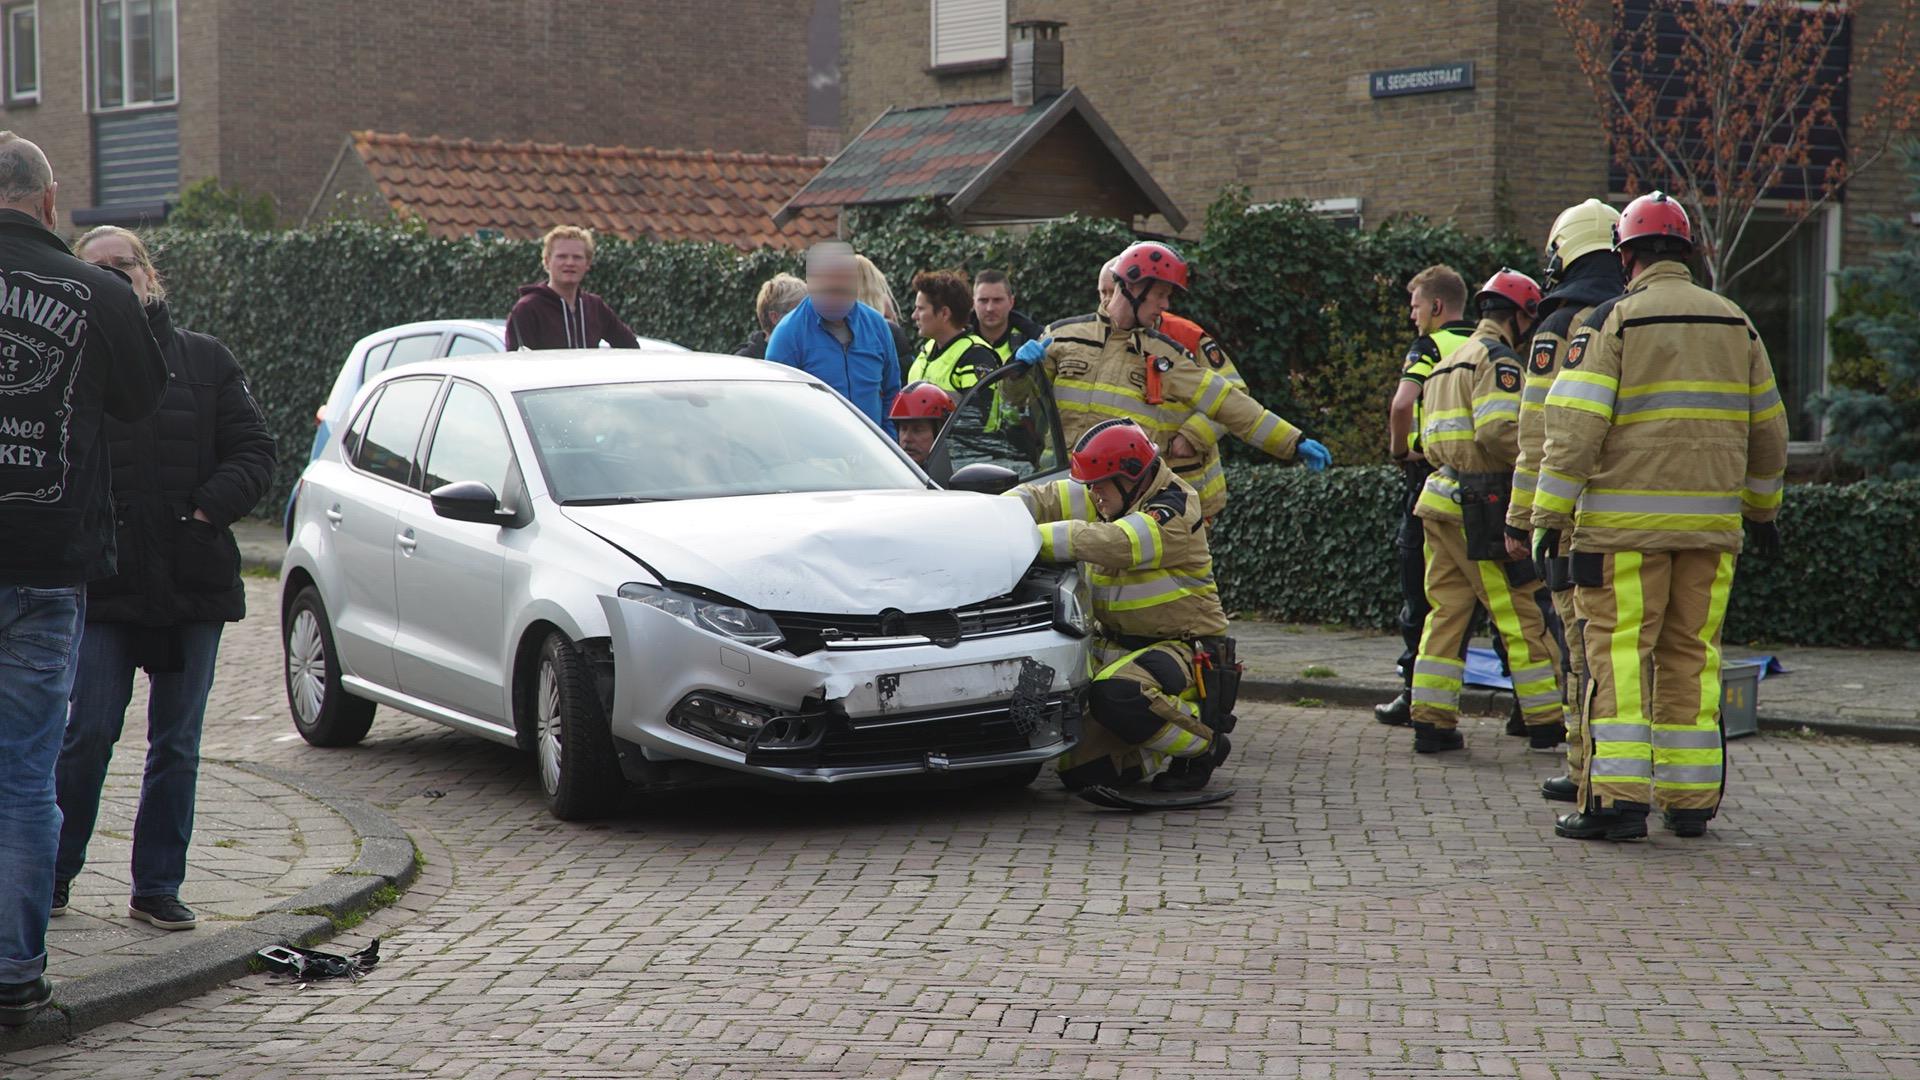 Politie bevrijdt vrouw uit auto na ongeval in Deventer.